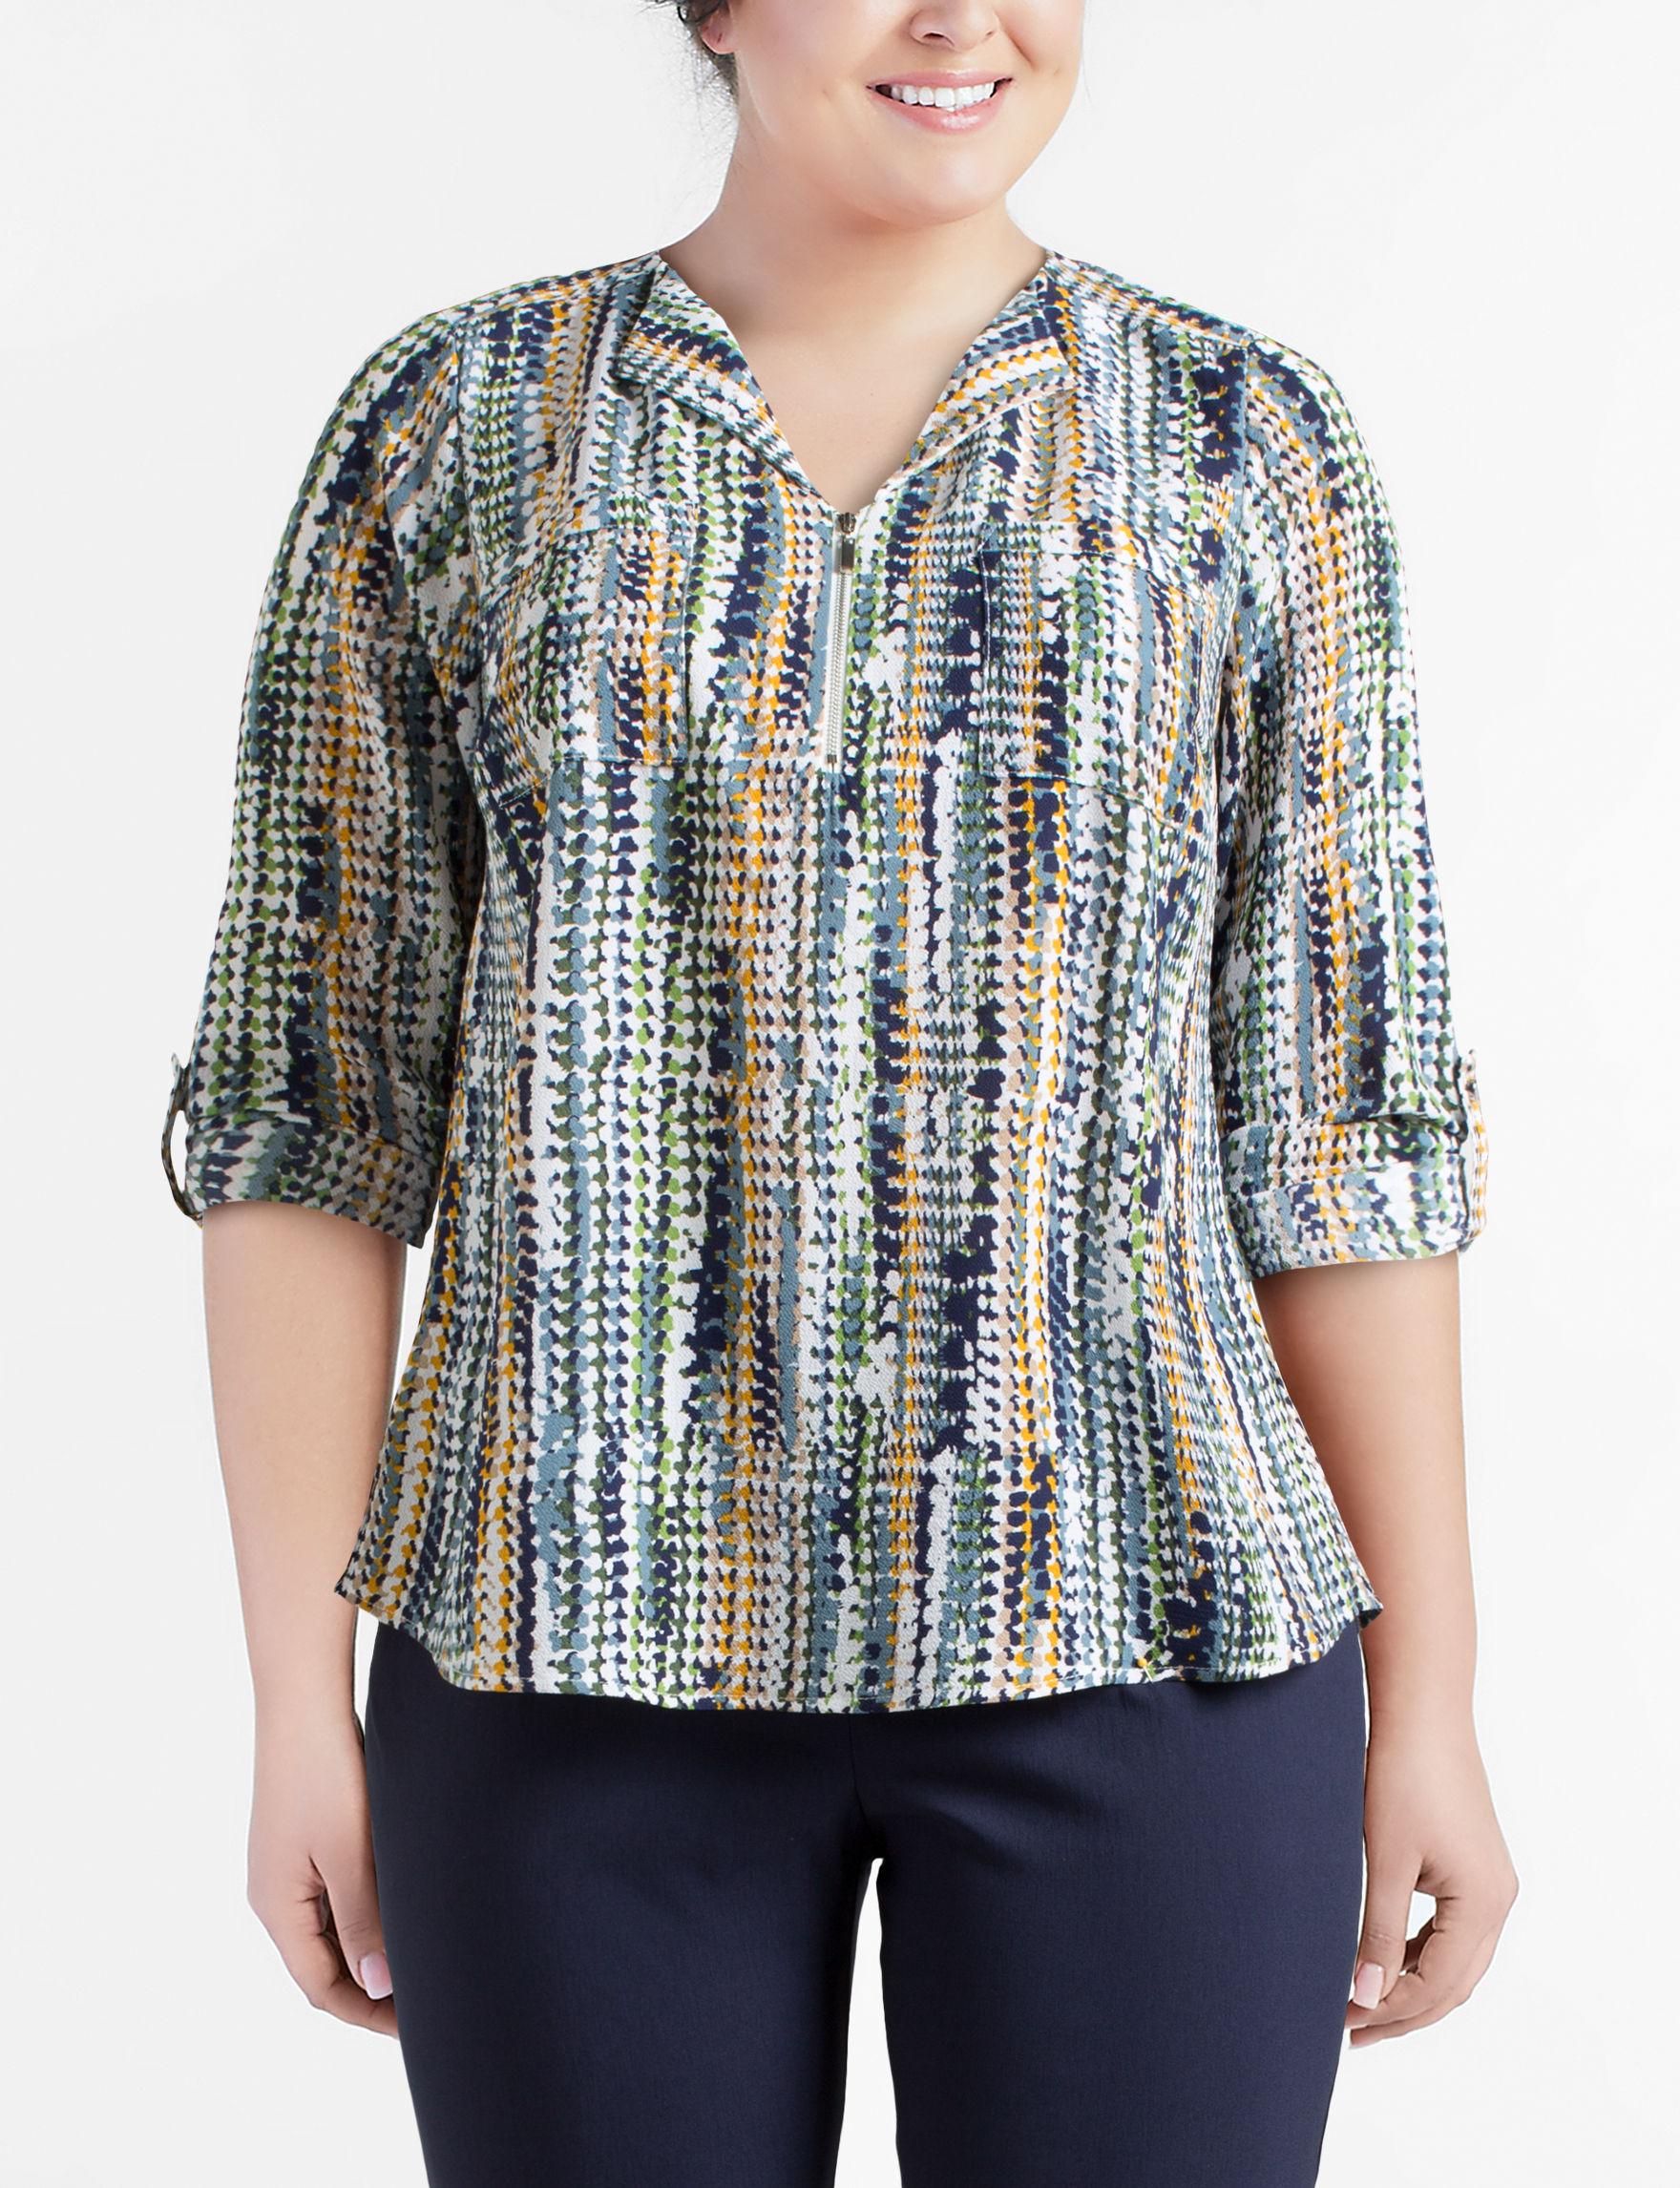 Valerie Stevens Grey Multi Shirts & Blouses